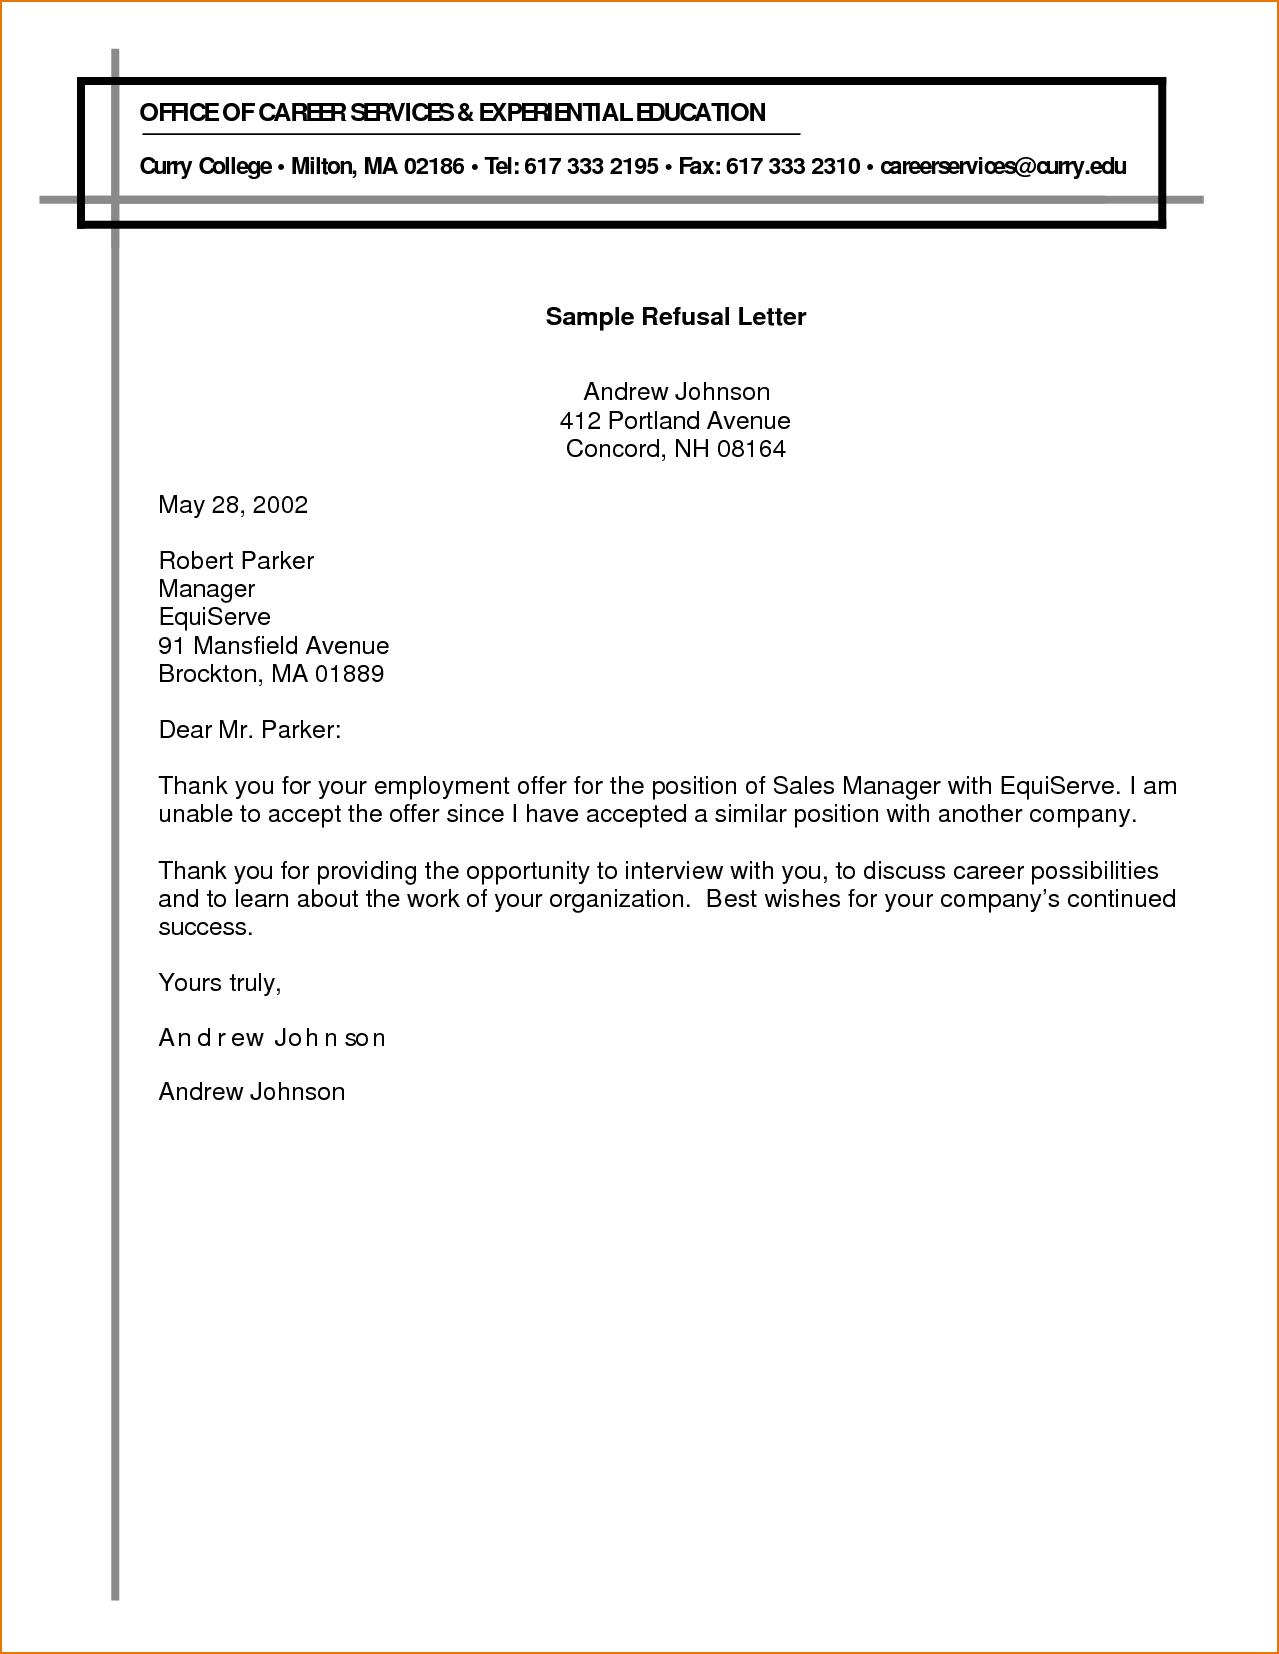 Refusal Letter Template Pdf Sample